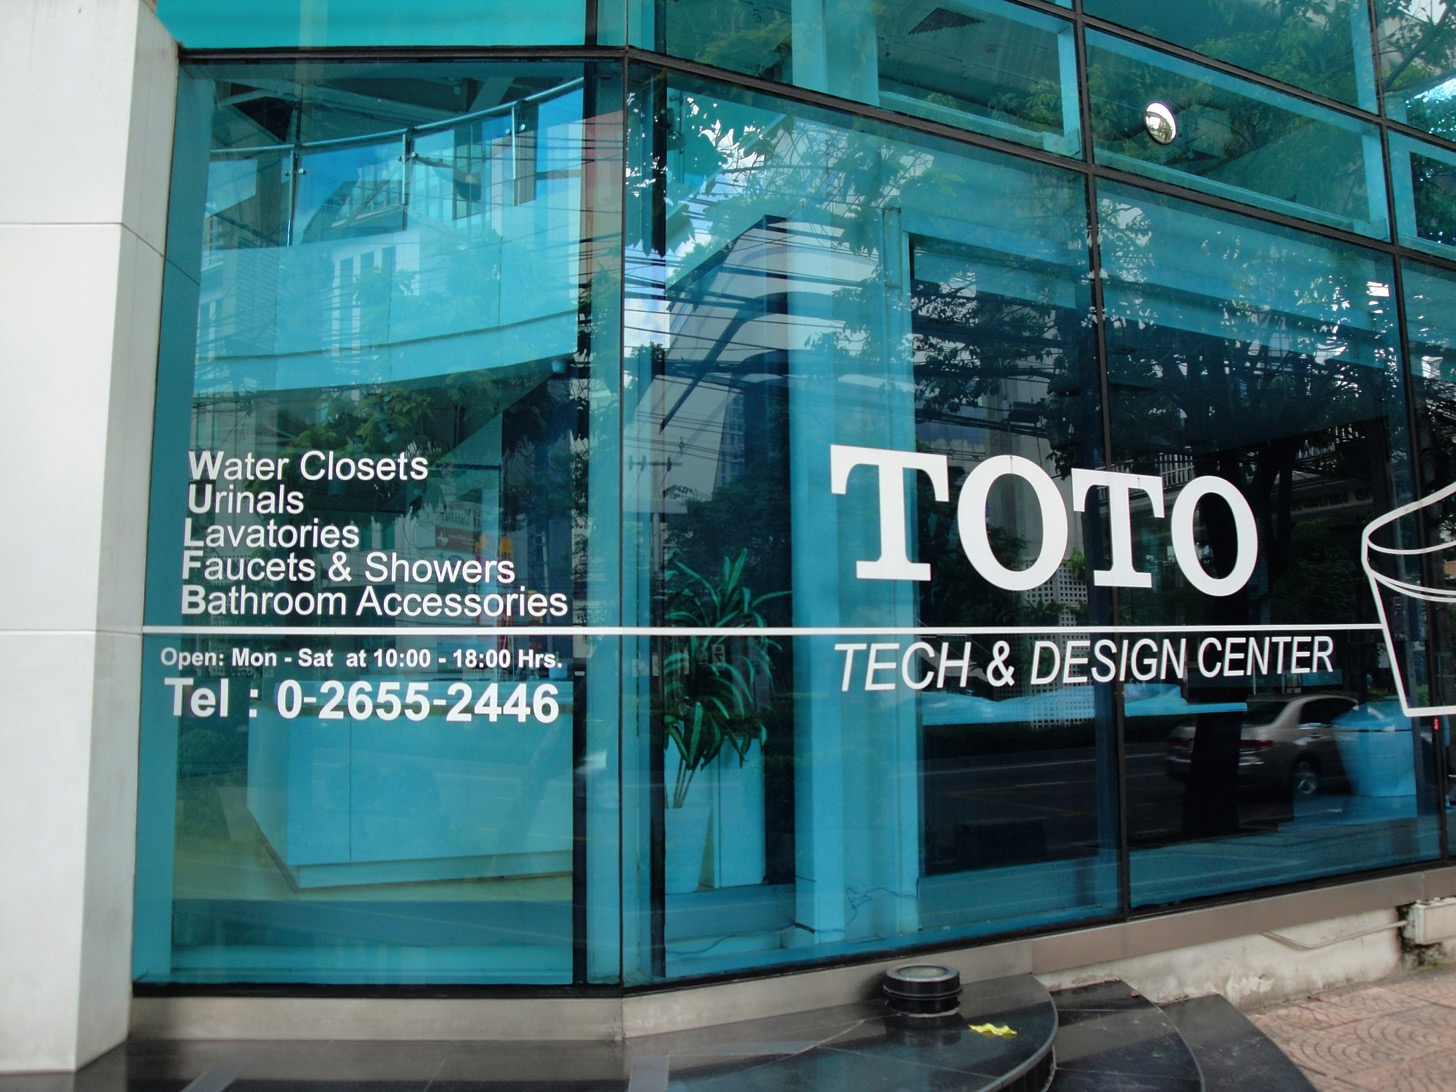 そういえば、TOTOってなんの略なの?